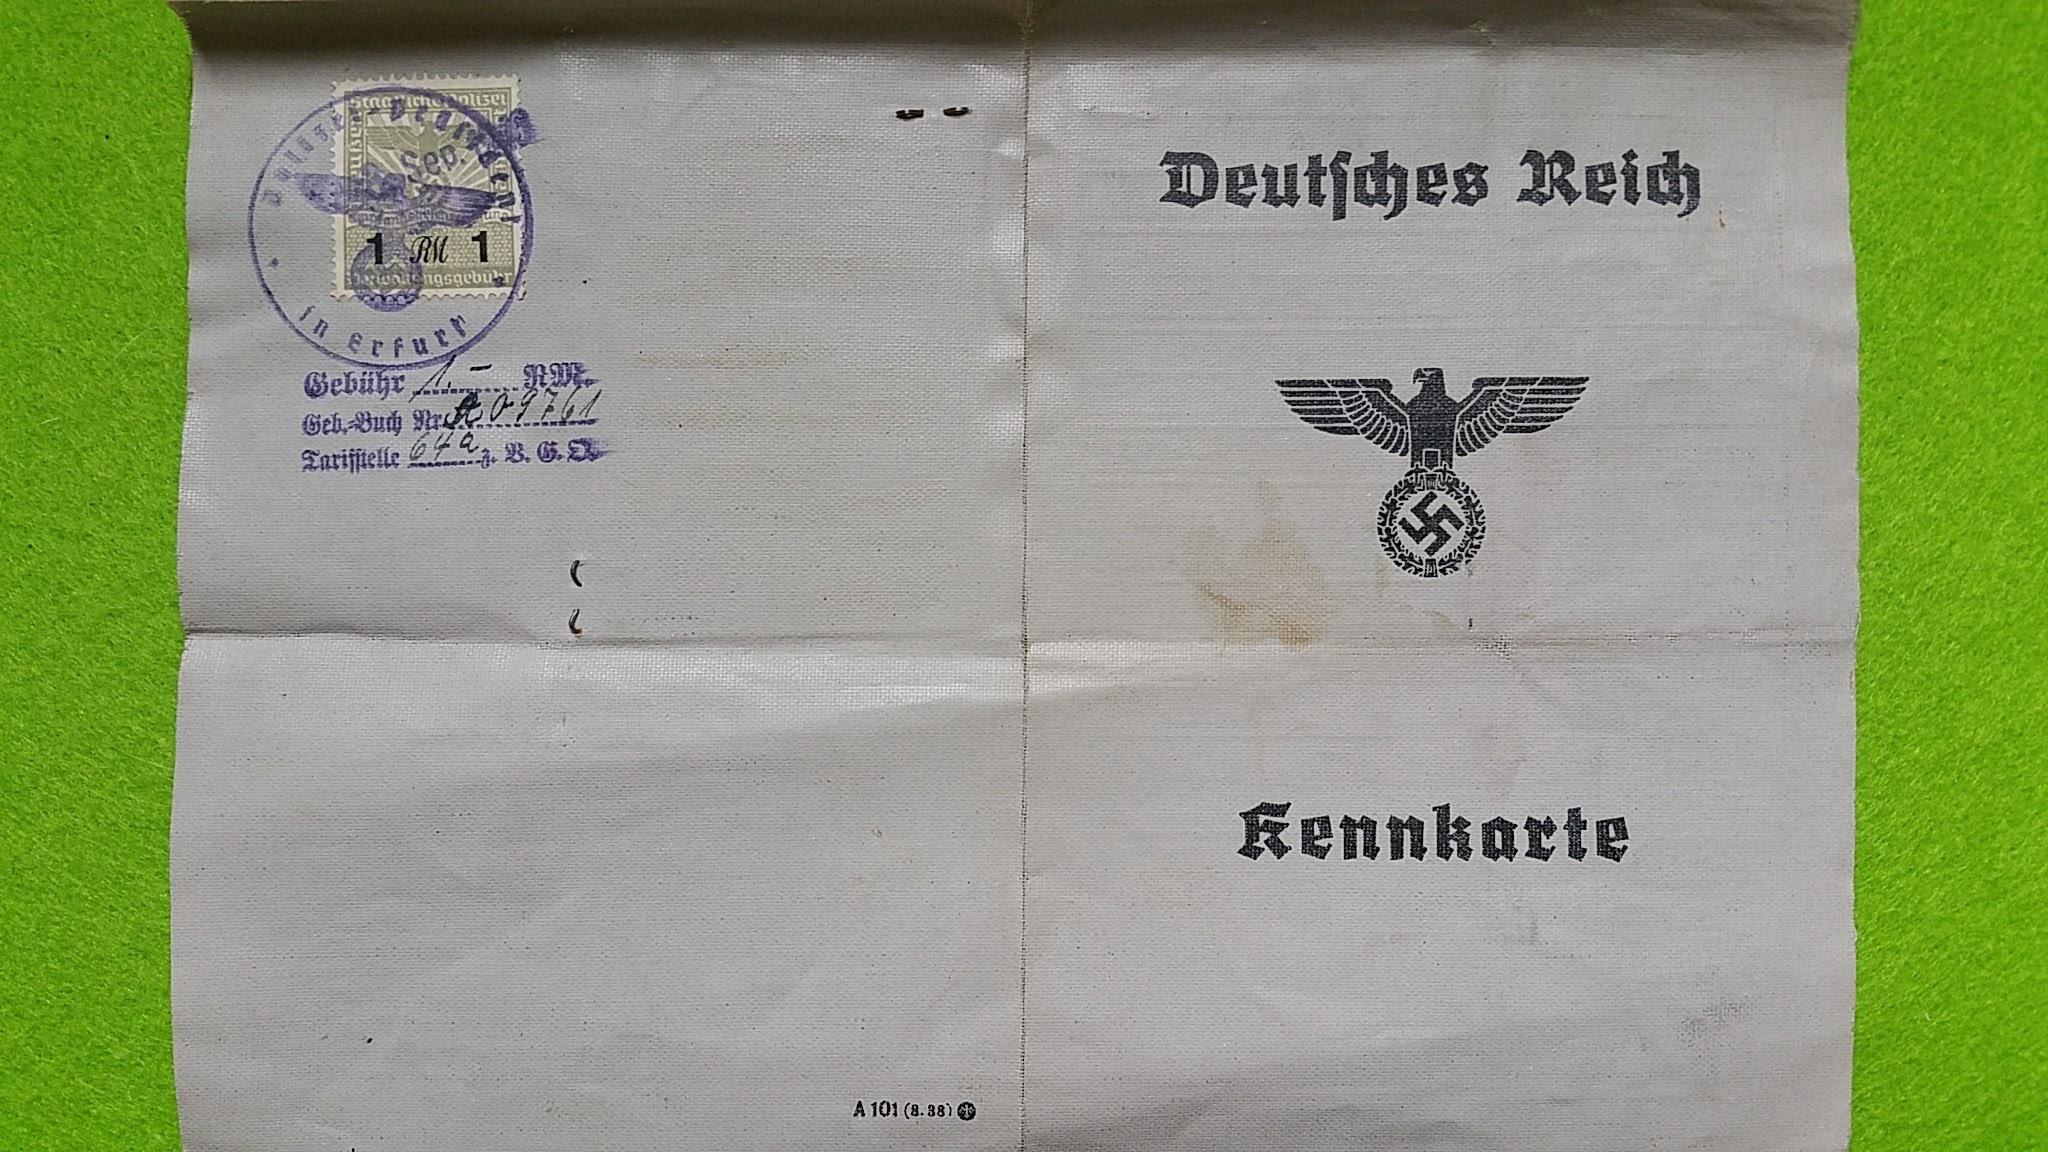 Kennkarte im Dritten Reich